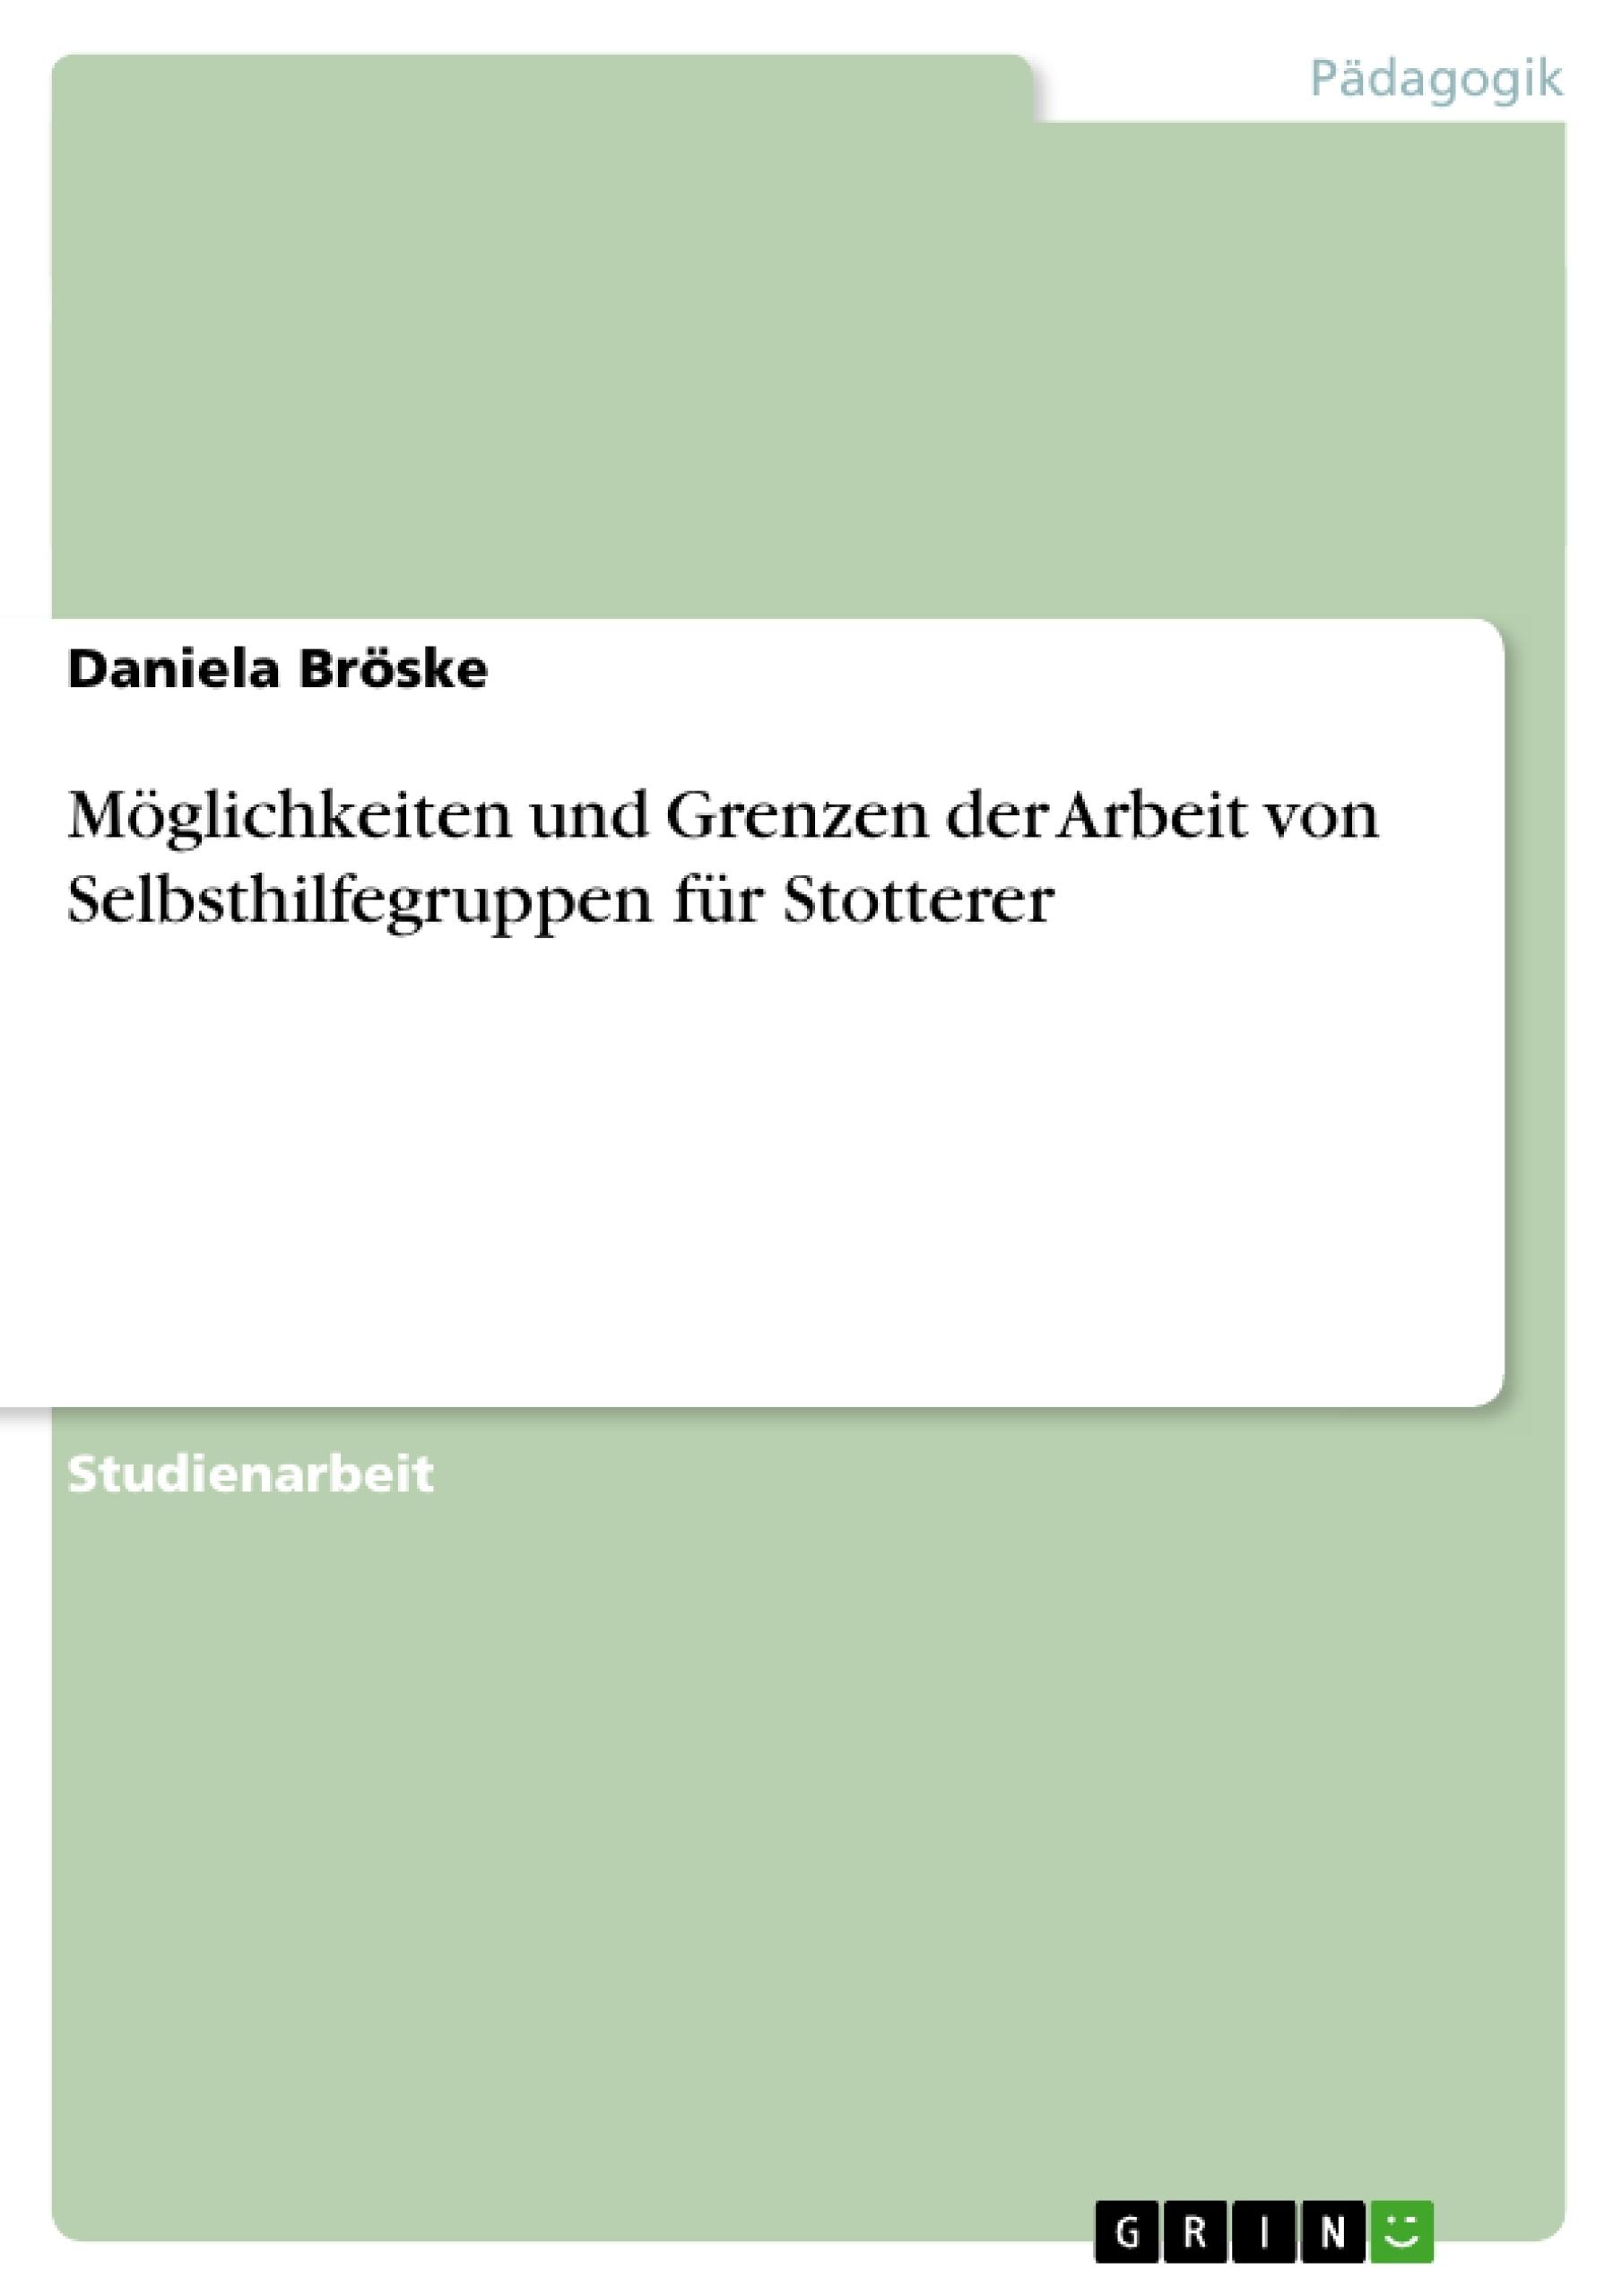 Titel: Möglichkeiten und Grenzen der Arbeit von Selbsthilfegruppen für Stotterer